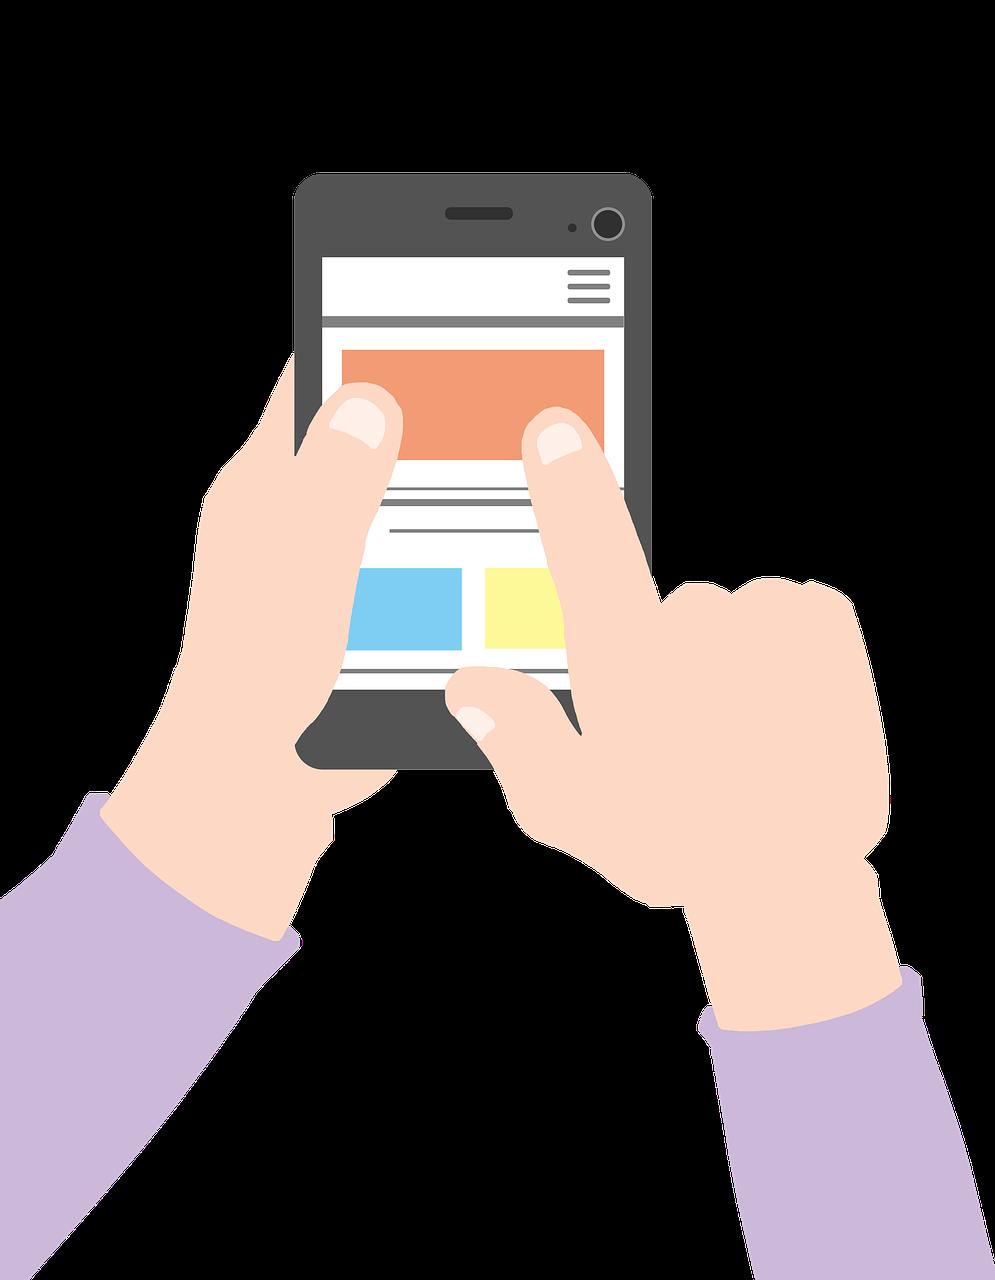 Tecknad persons händer håller i en smartphone